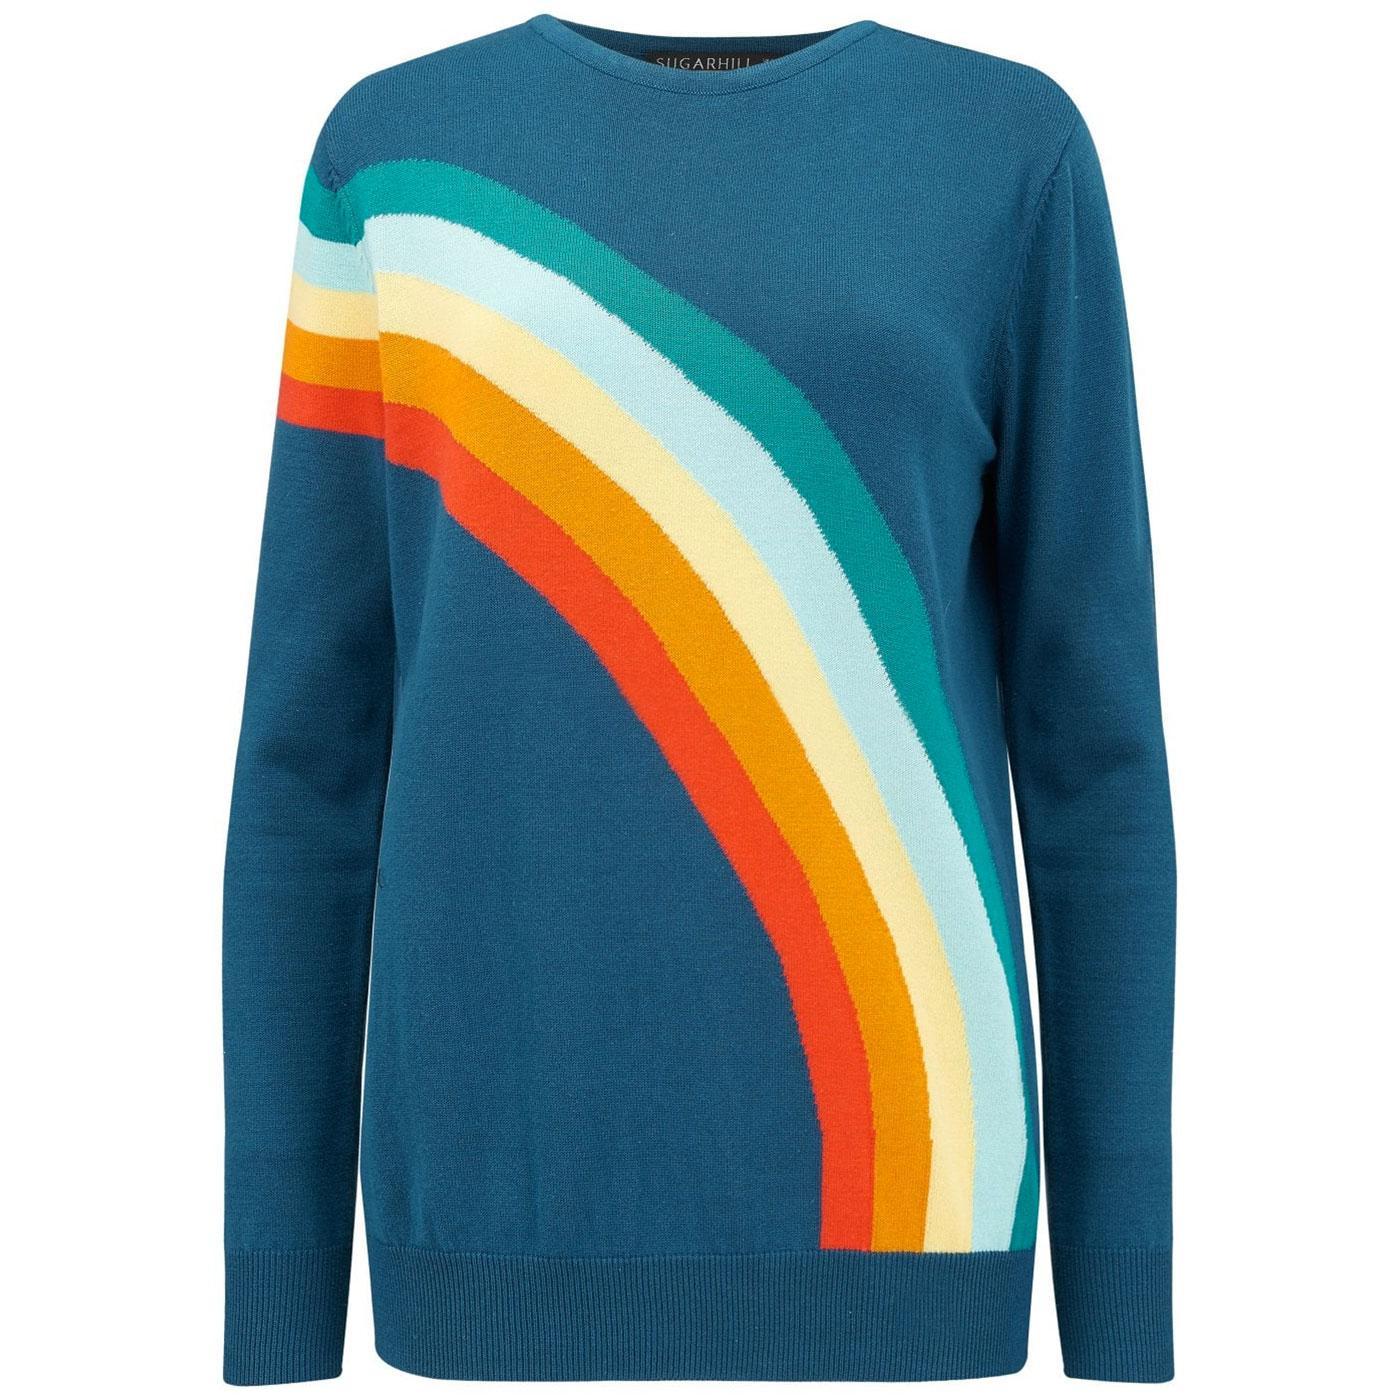 Rita Rainbow SUGARHILL BOUTIQUE 70s Sweater Teal